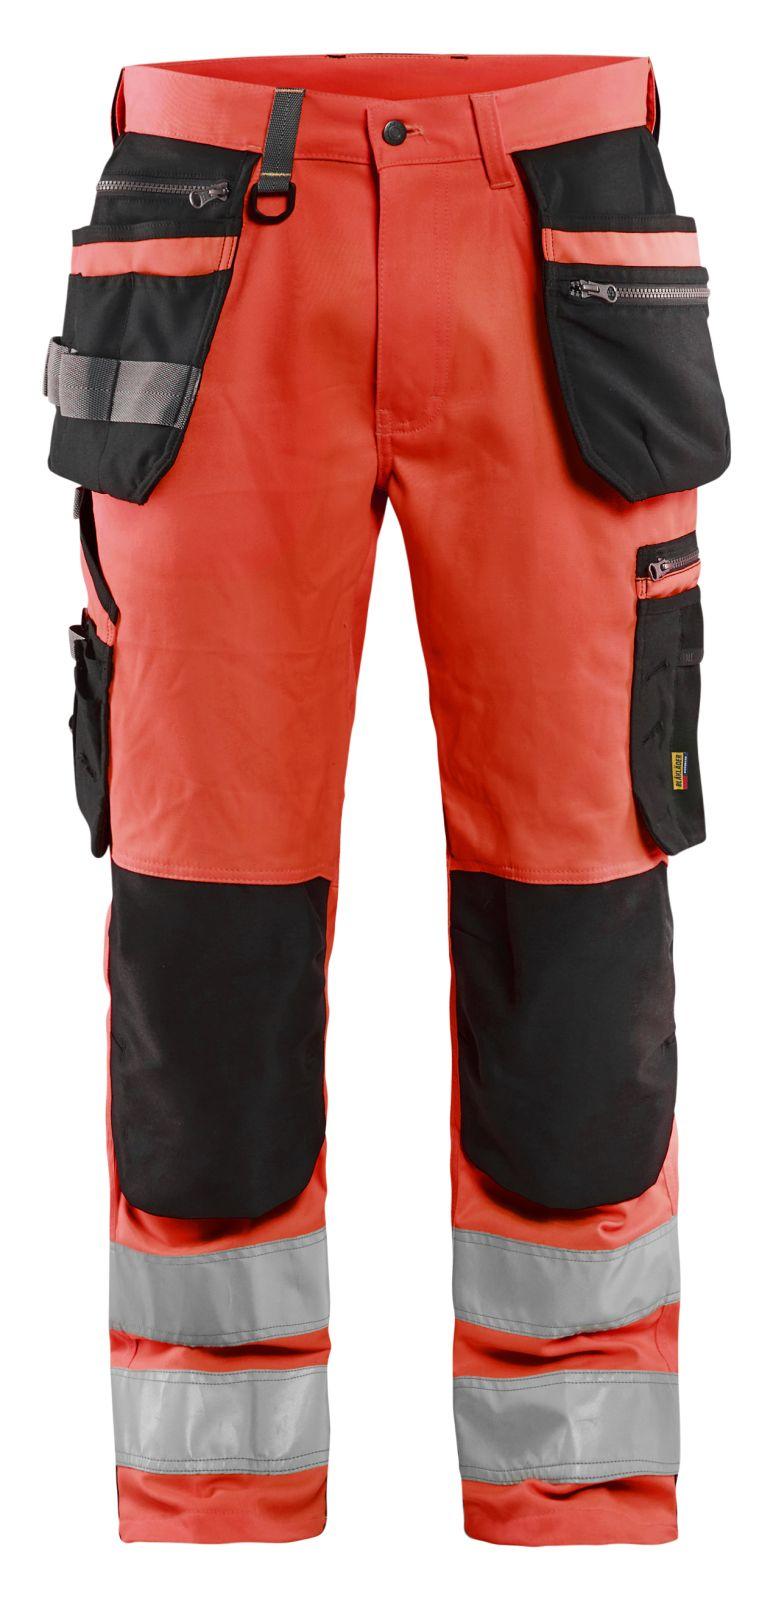 Blaklader Broeken 15921818 fluo rood-zwart(5599)